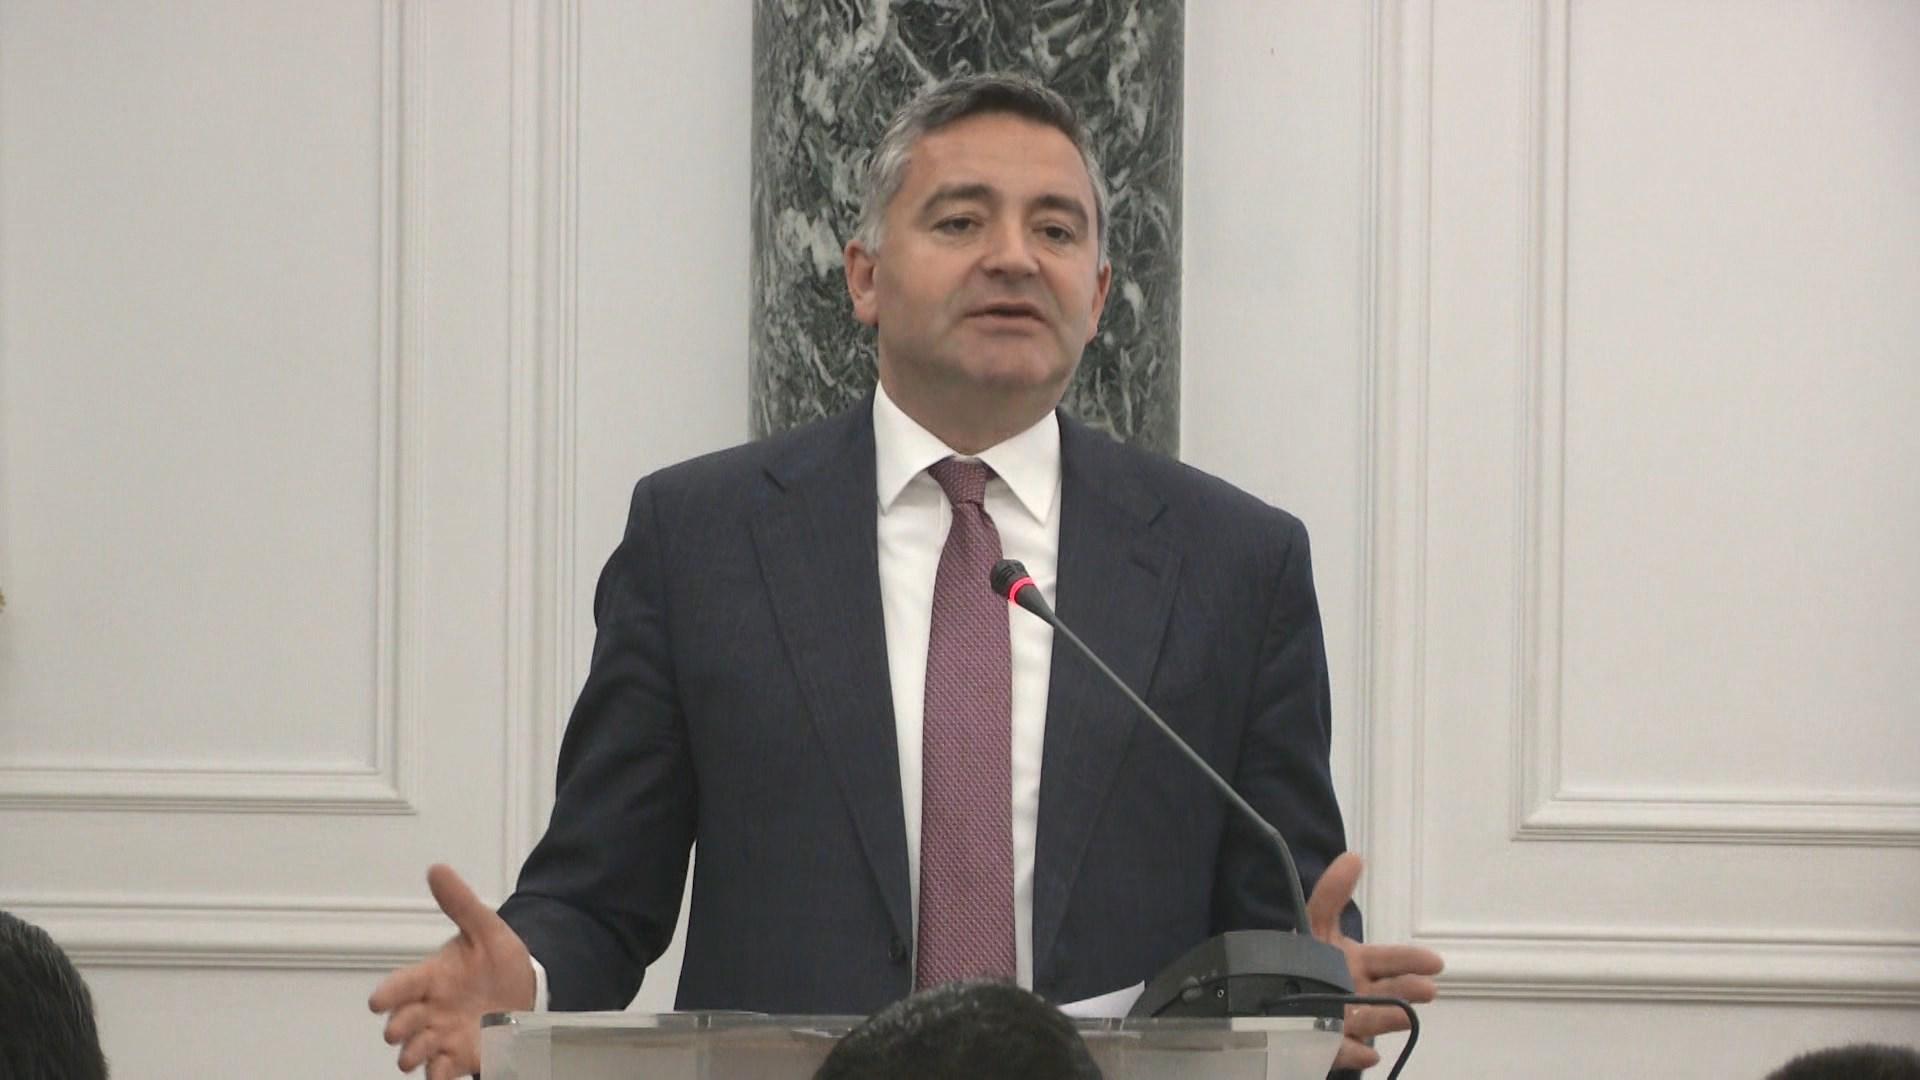 Anulohet leja për TEC-in e Korçës, Klosi: Nuk përmbush standardet e BE